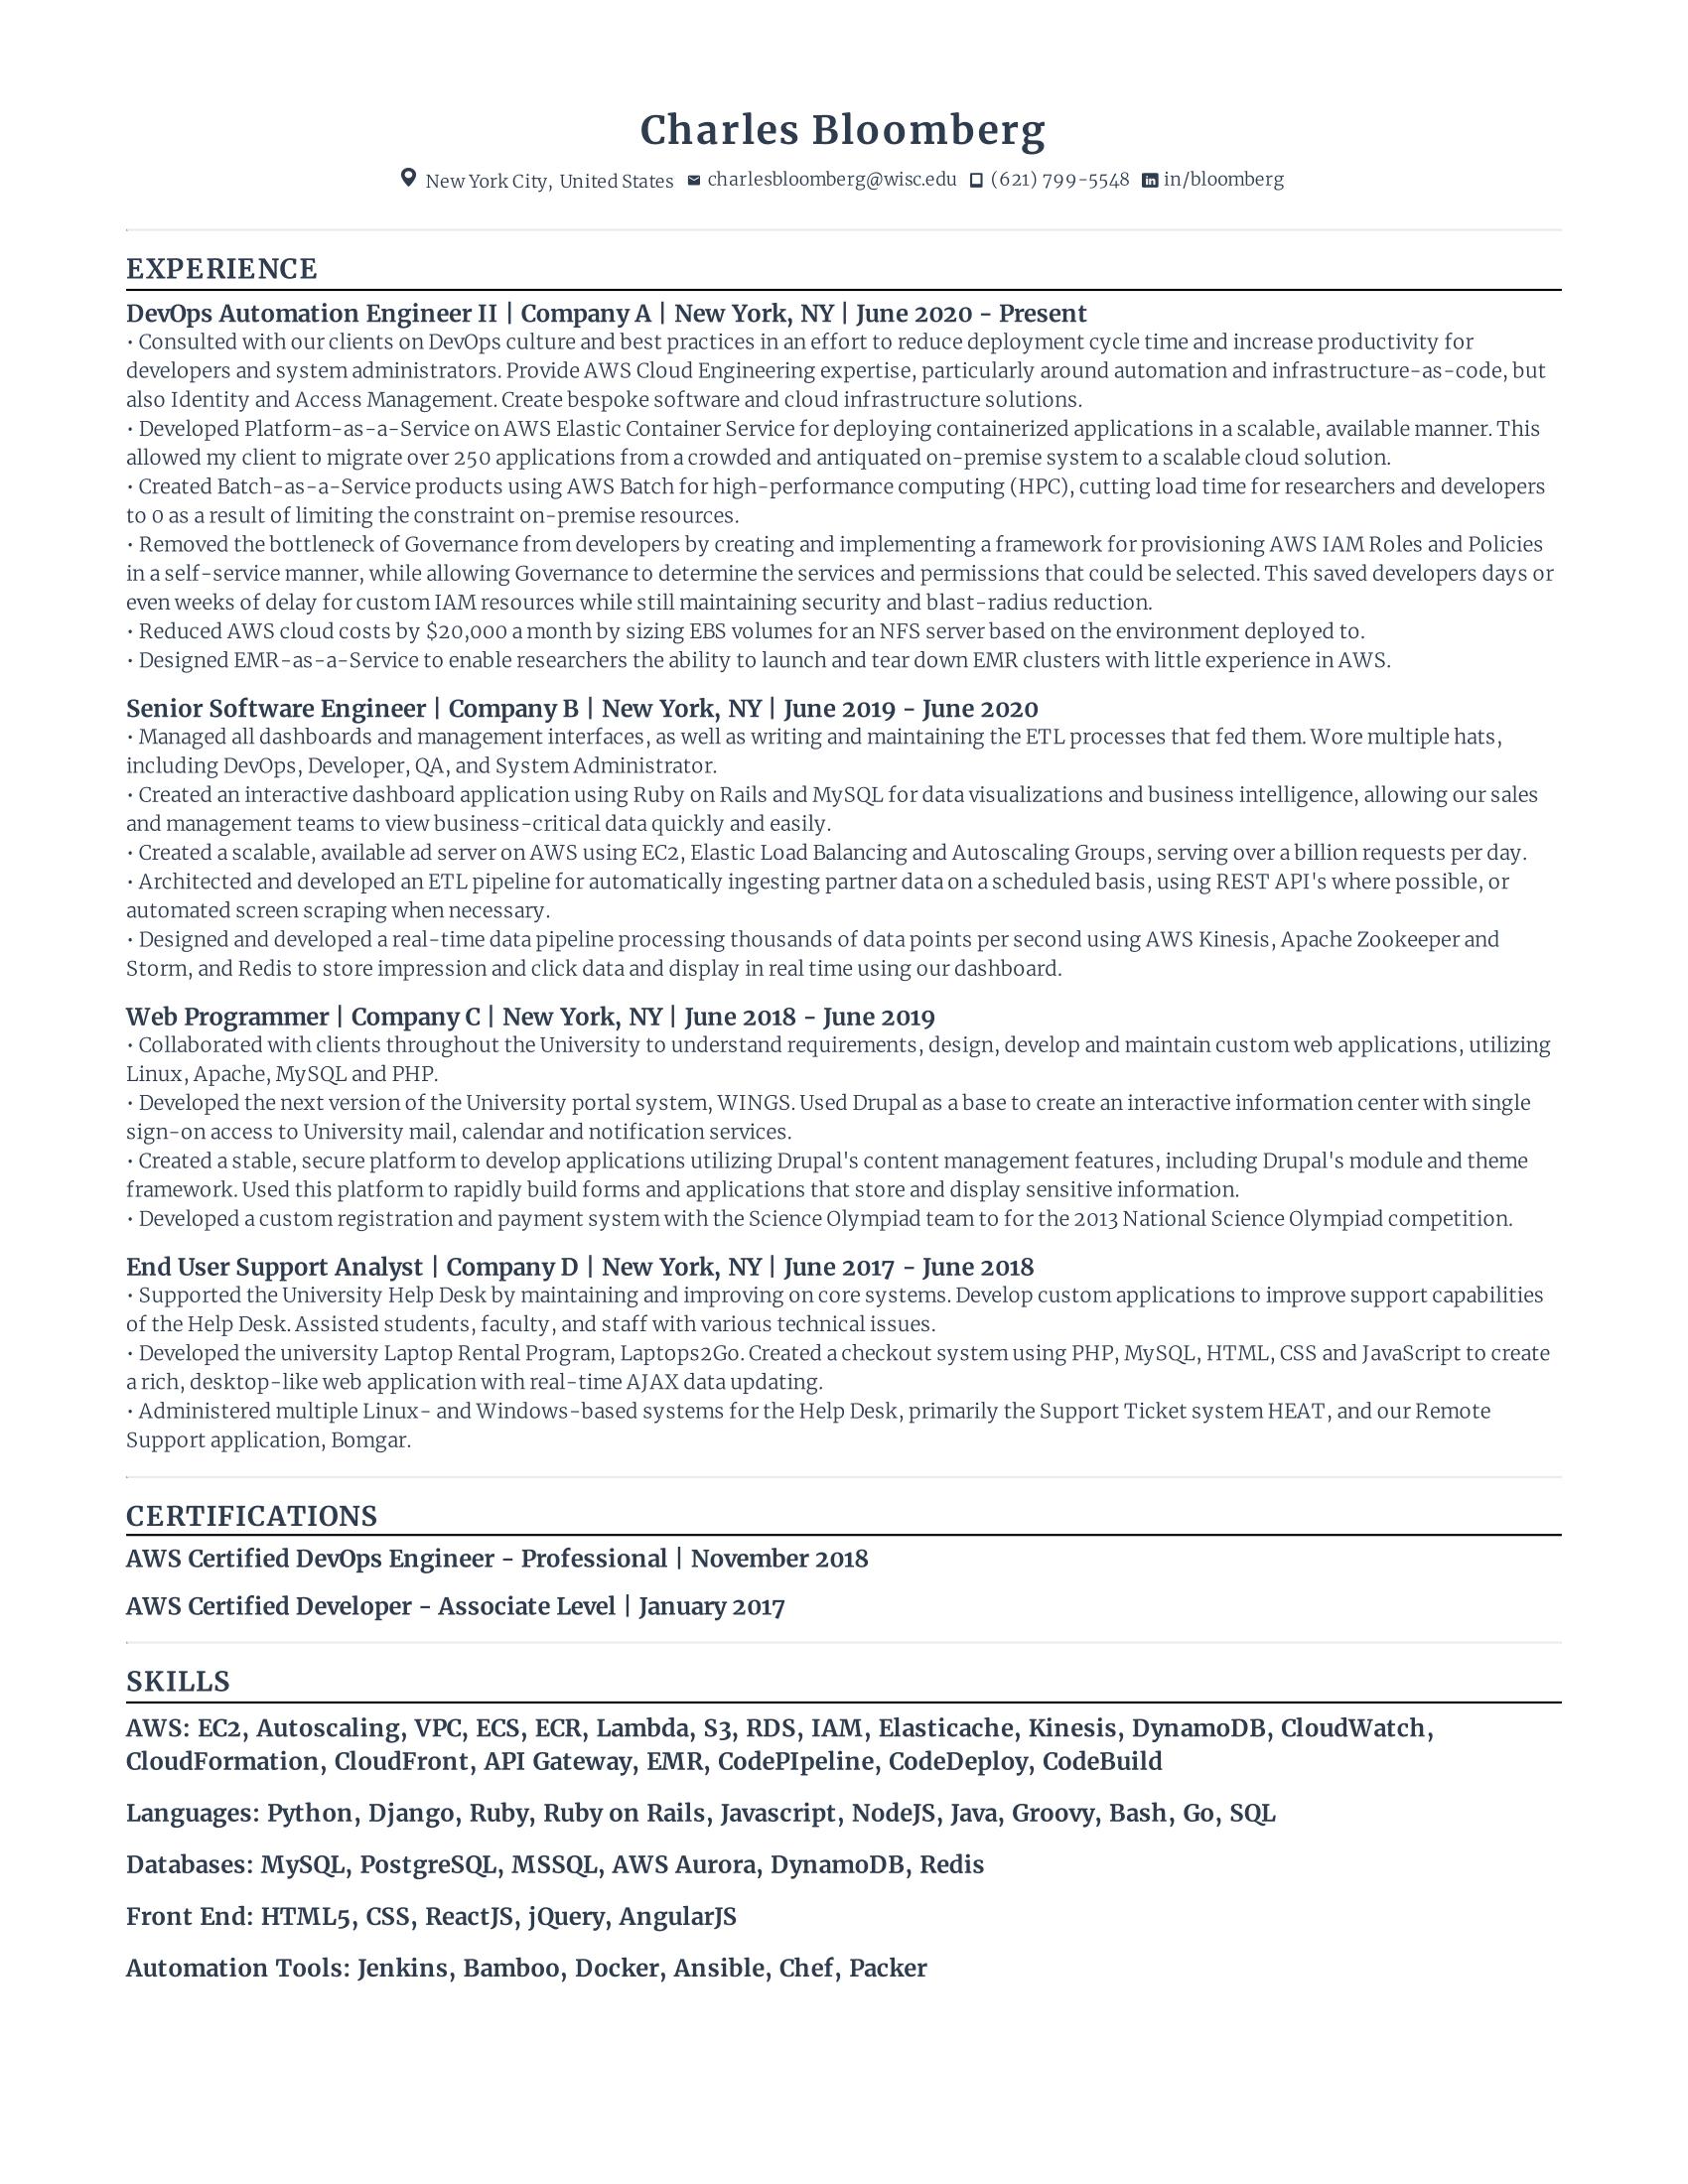 DevOps Engineer Resume